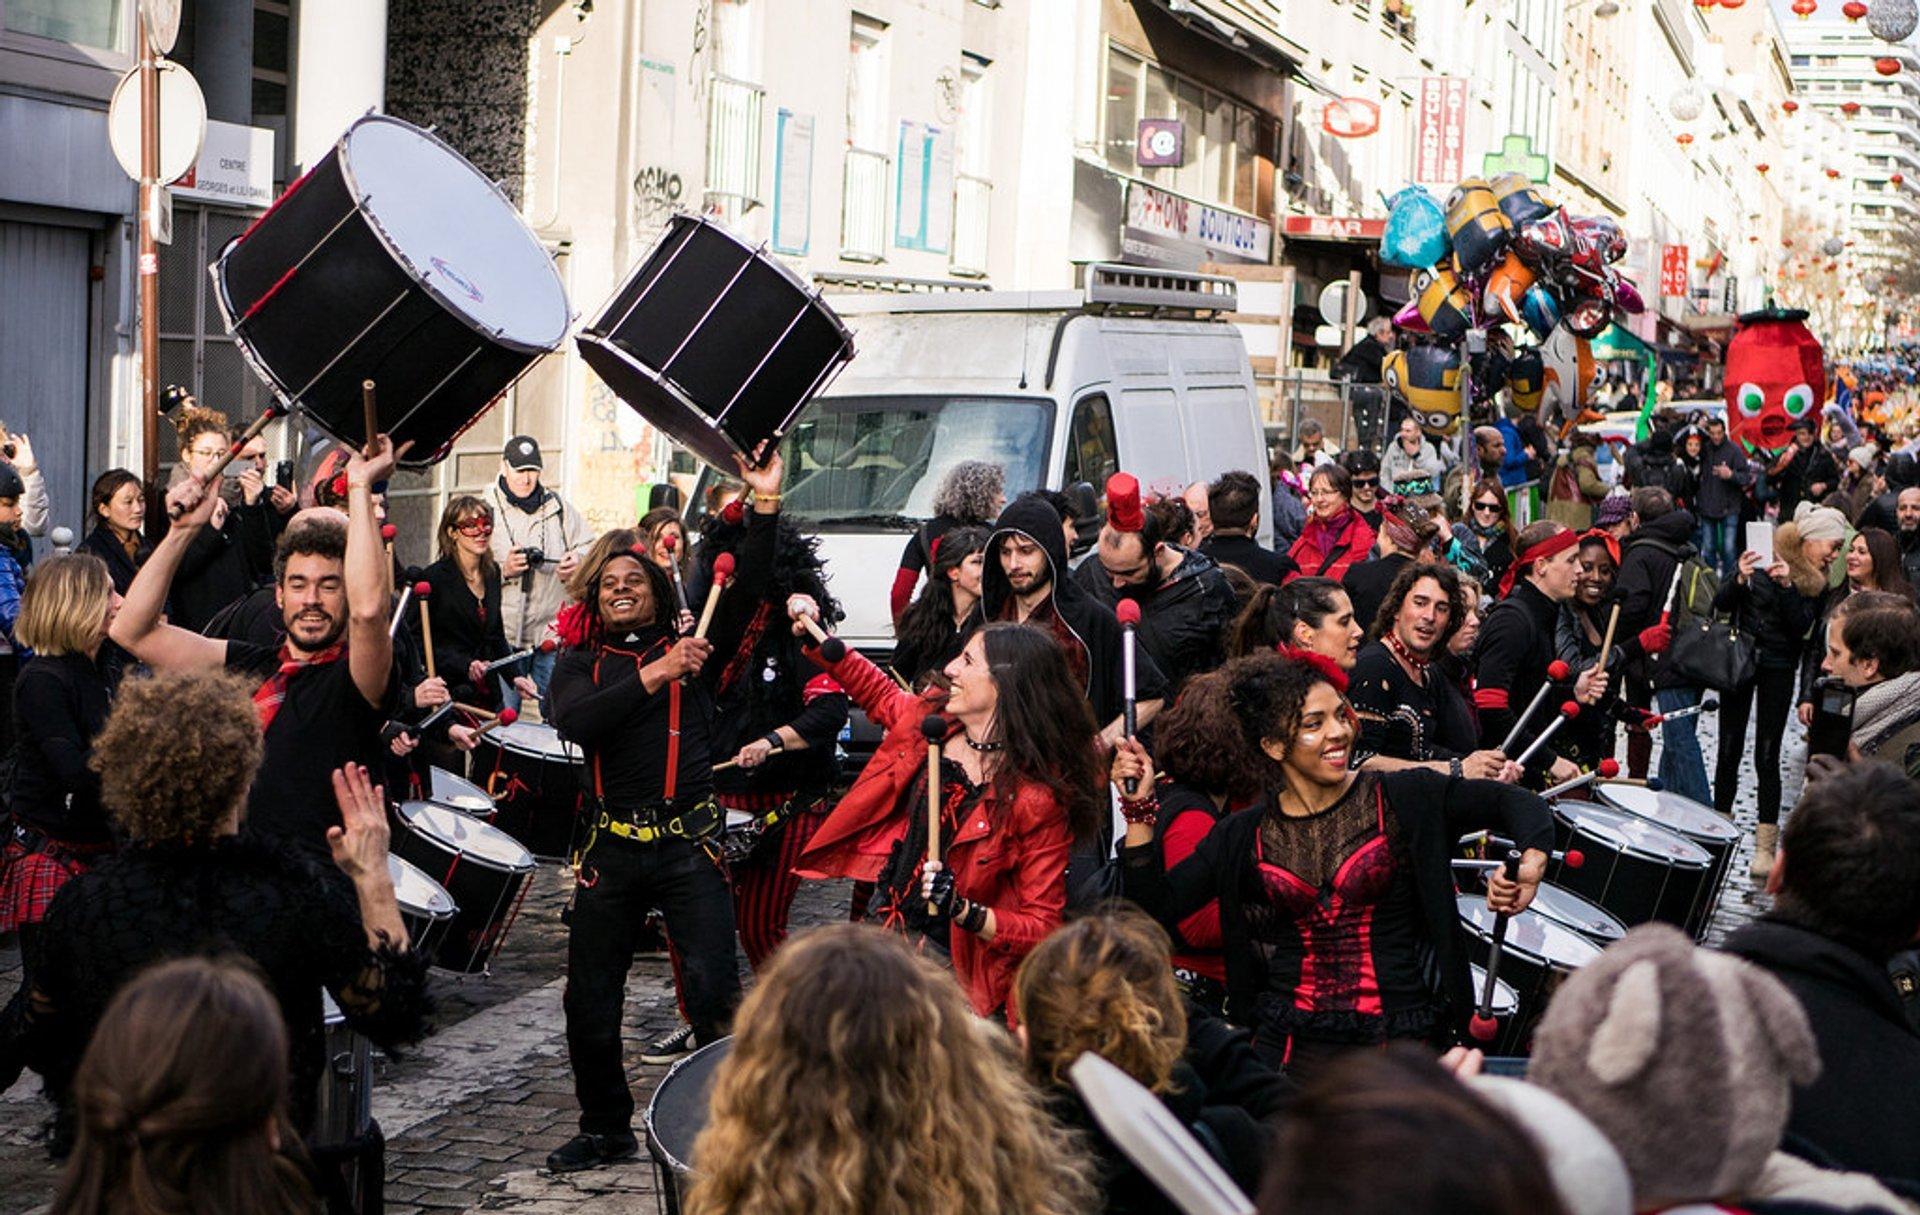 Carnaval de Paris and Carnaval des Femmes in Paris - Best Season 2020